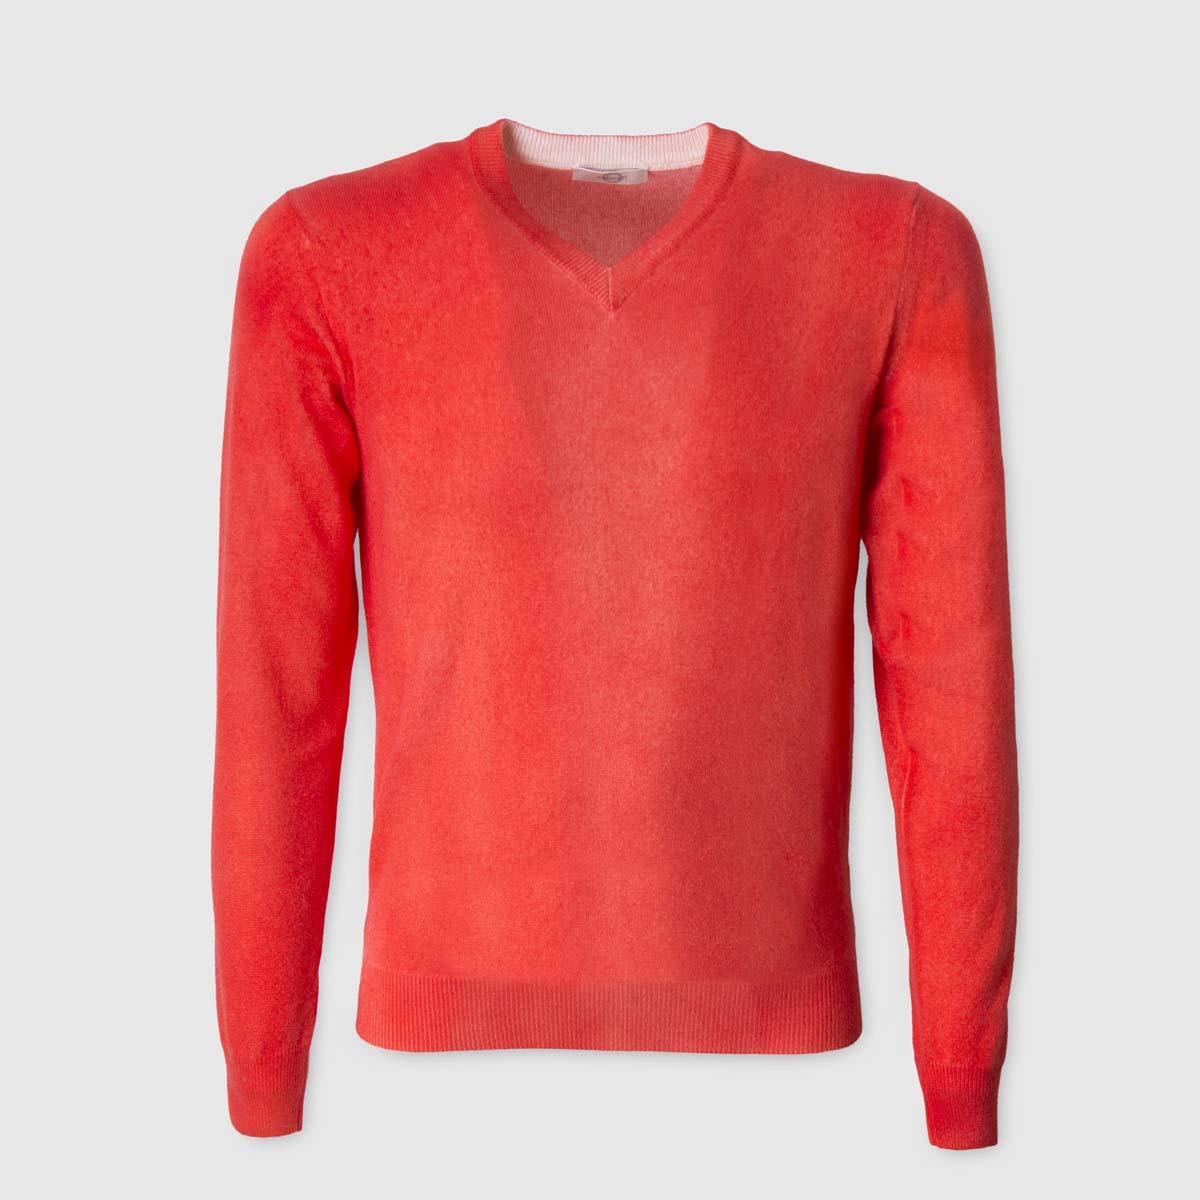 Maglione 100% Cashmere aerografato rosso collo a V